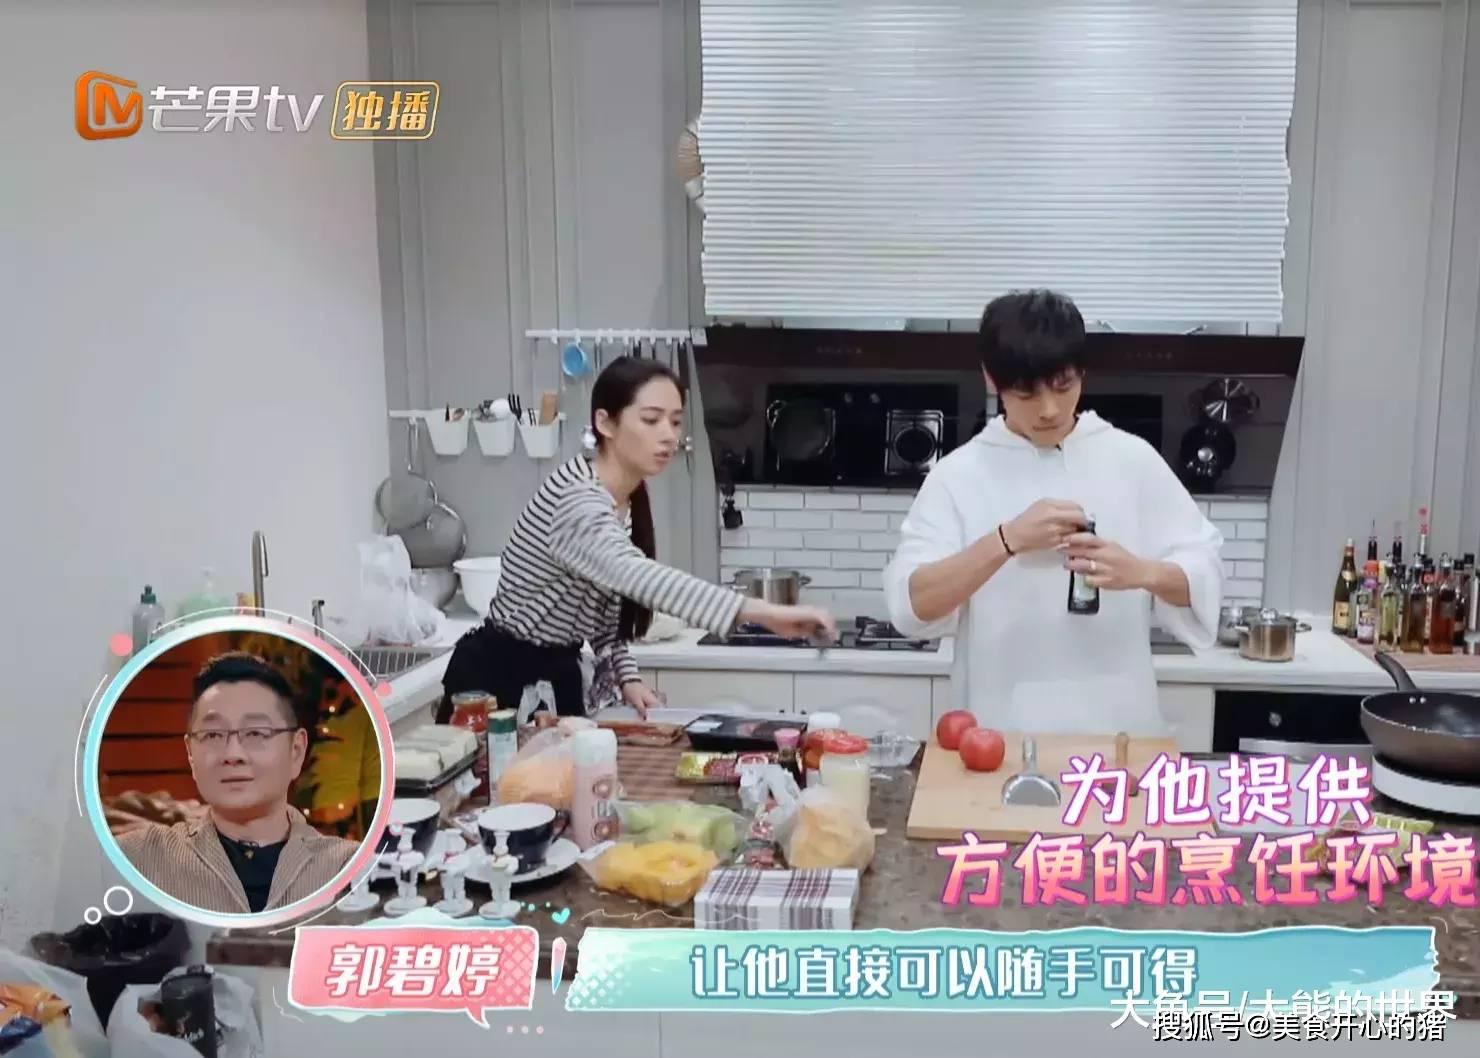 向佐郭碧婷新房首次曝光,单凭他们厨房的面积,足以证明是豪宅没错